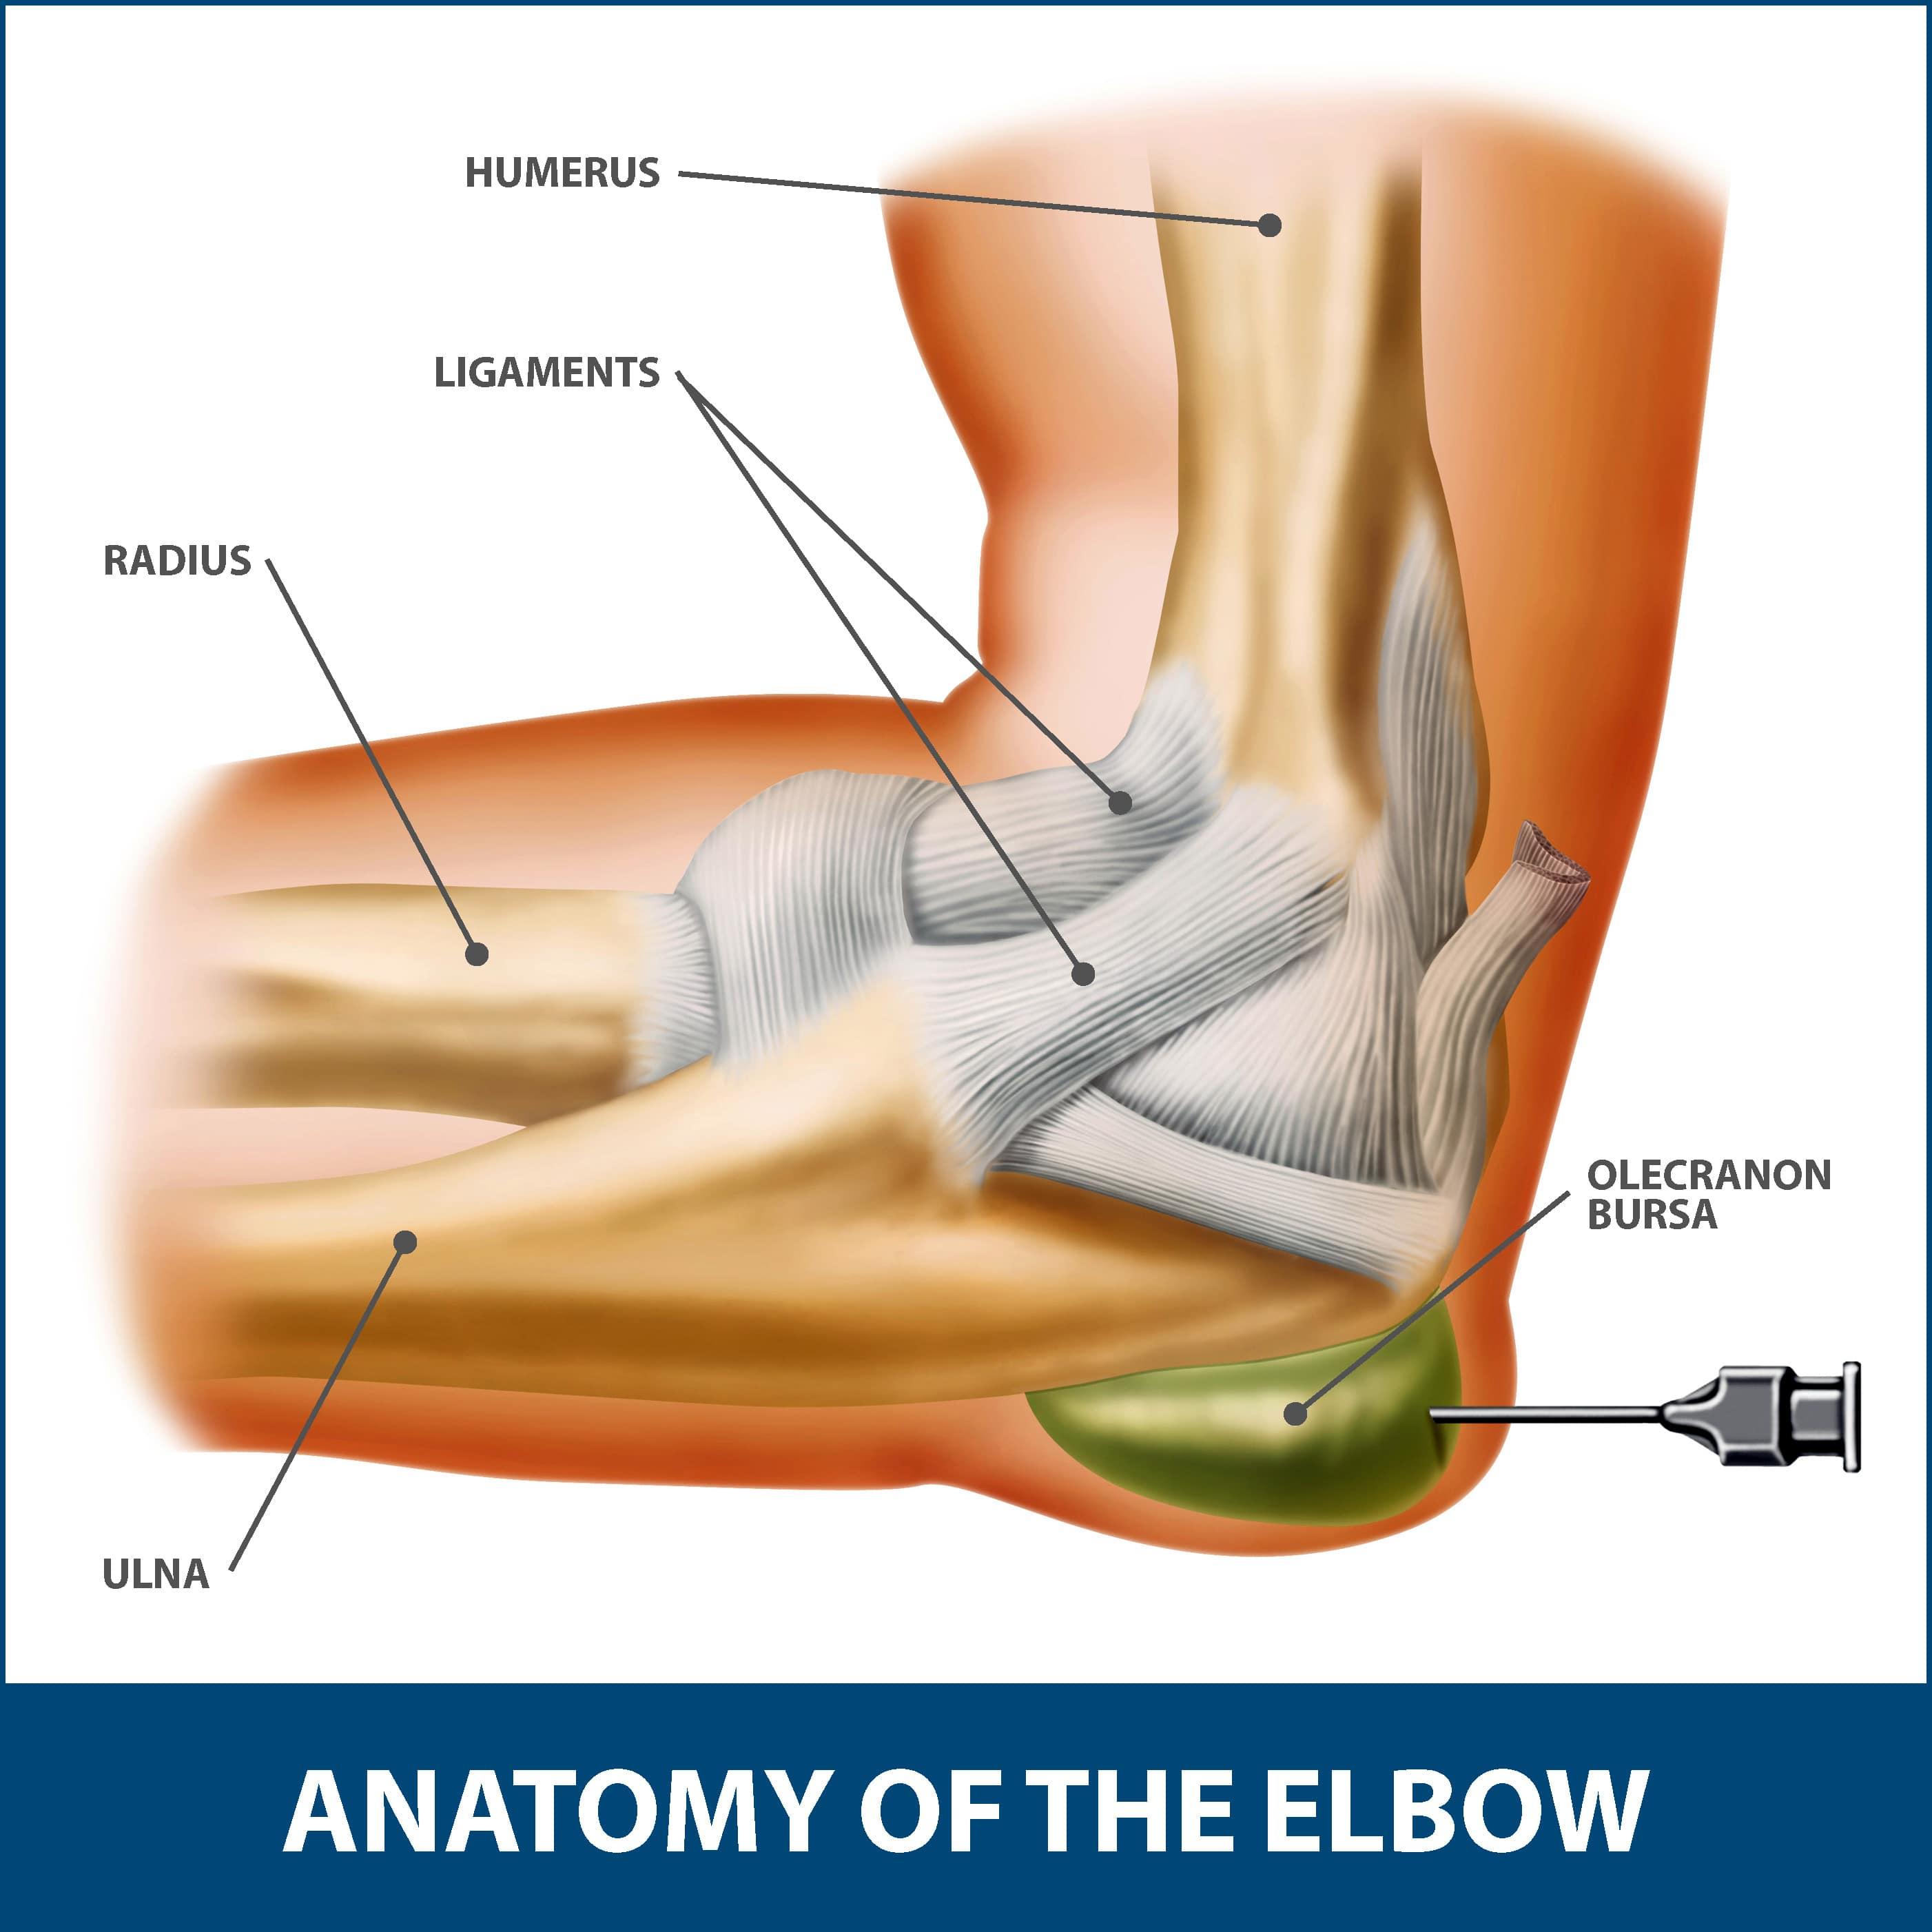 Elbow Bursitis anatomy of the elbow